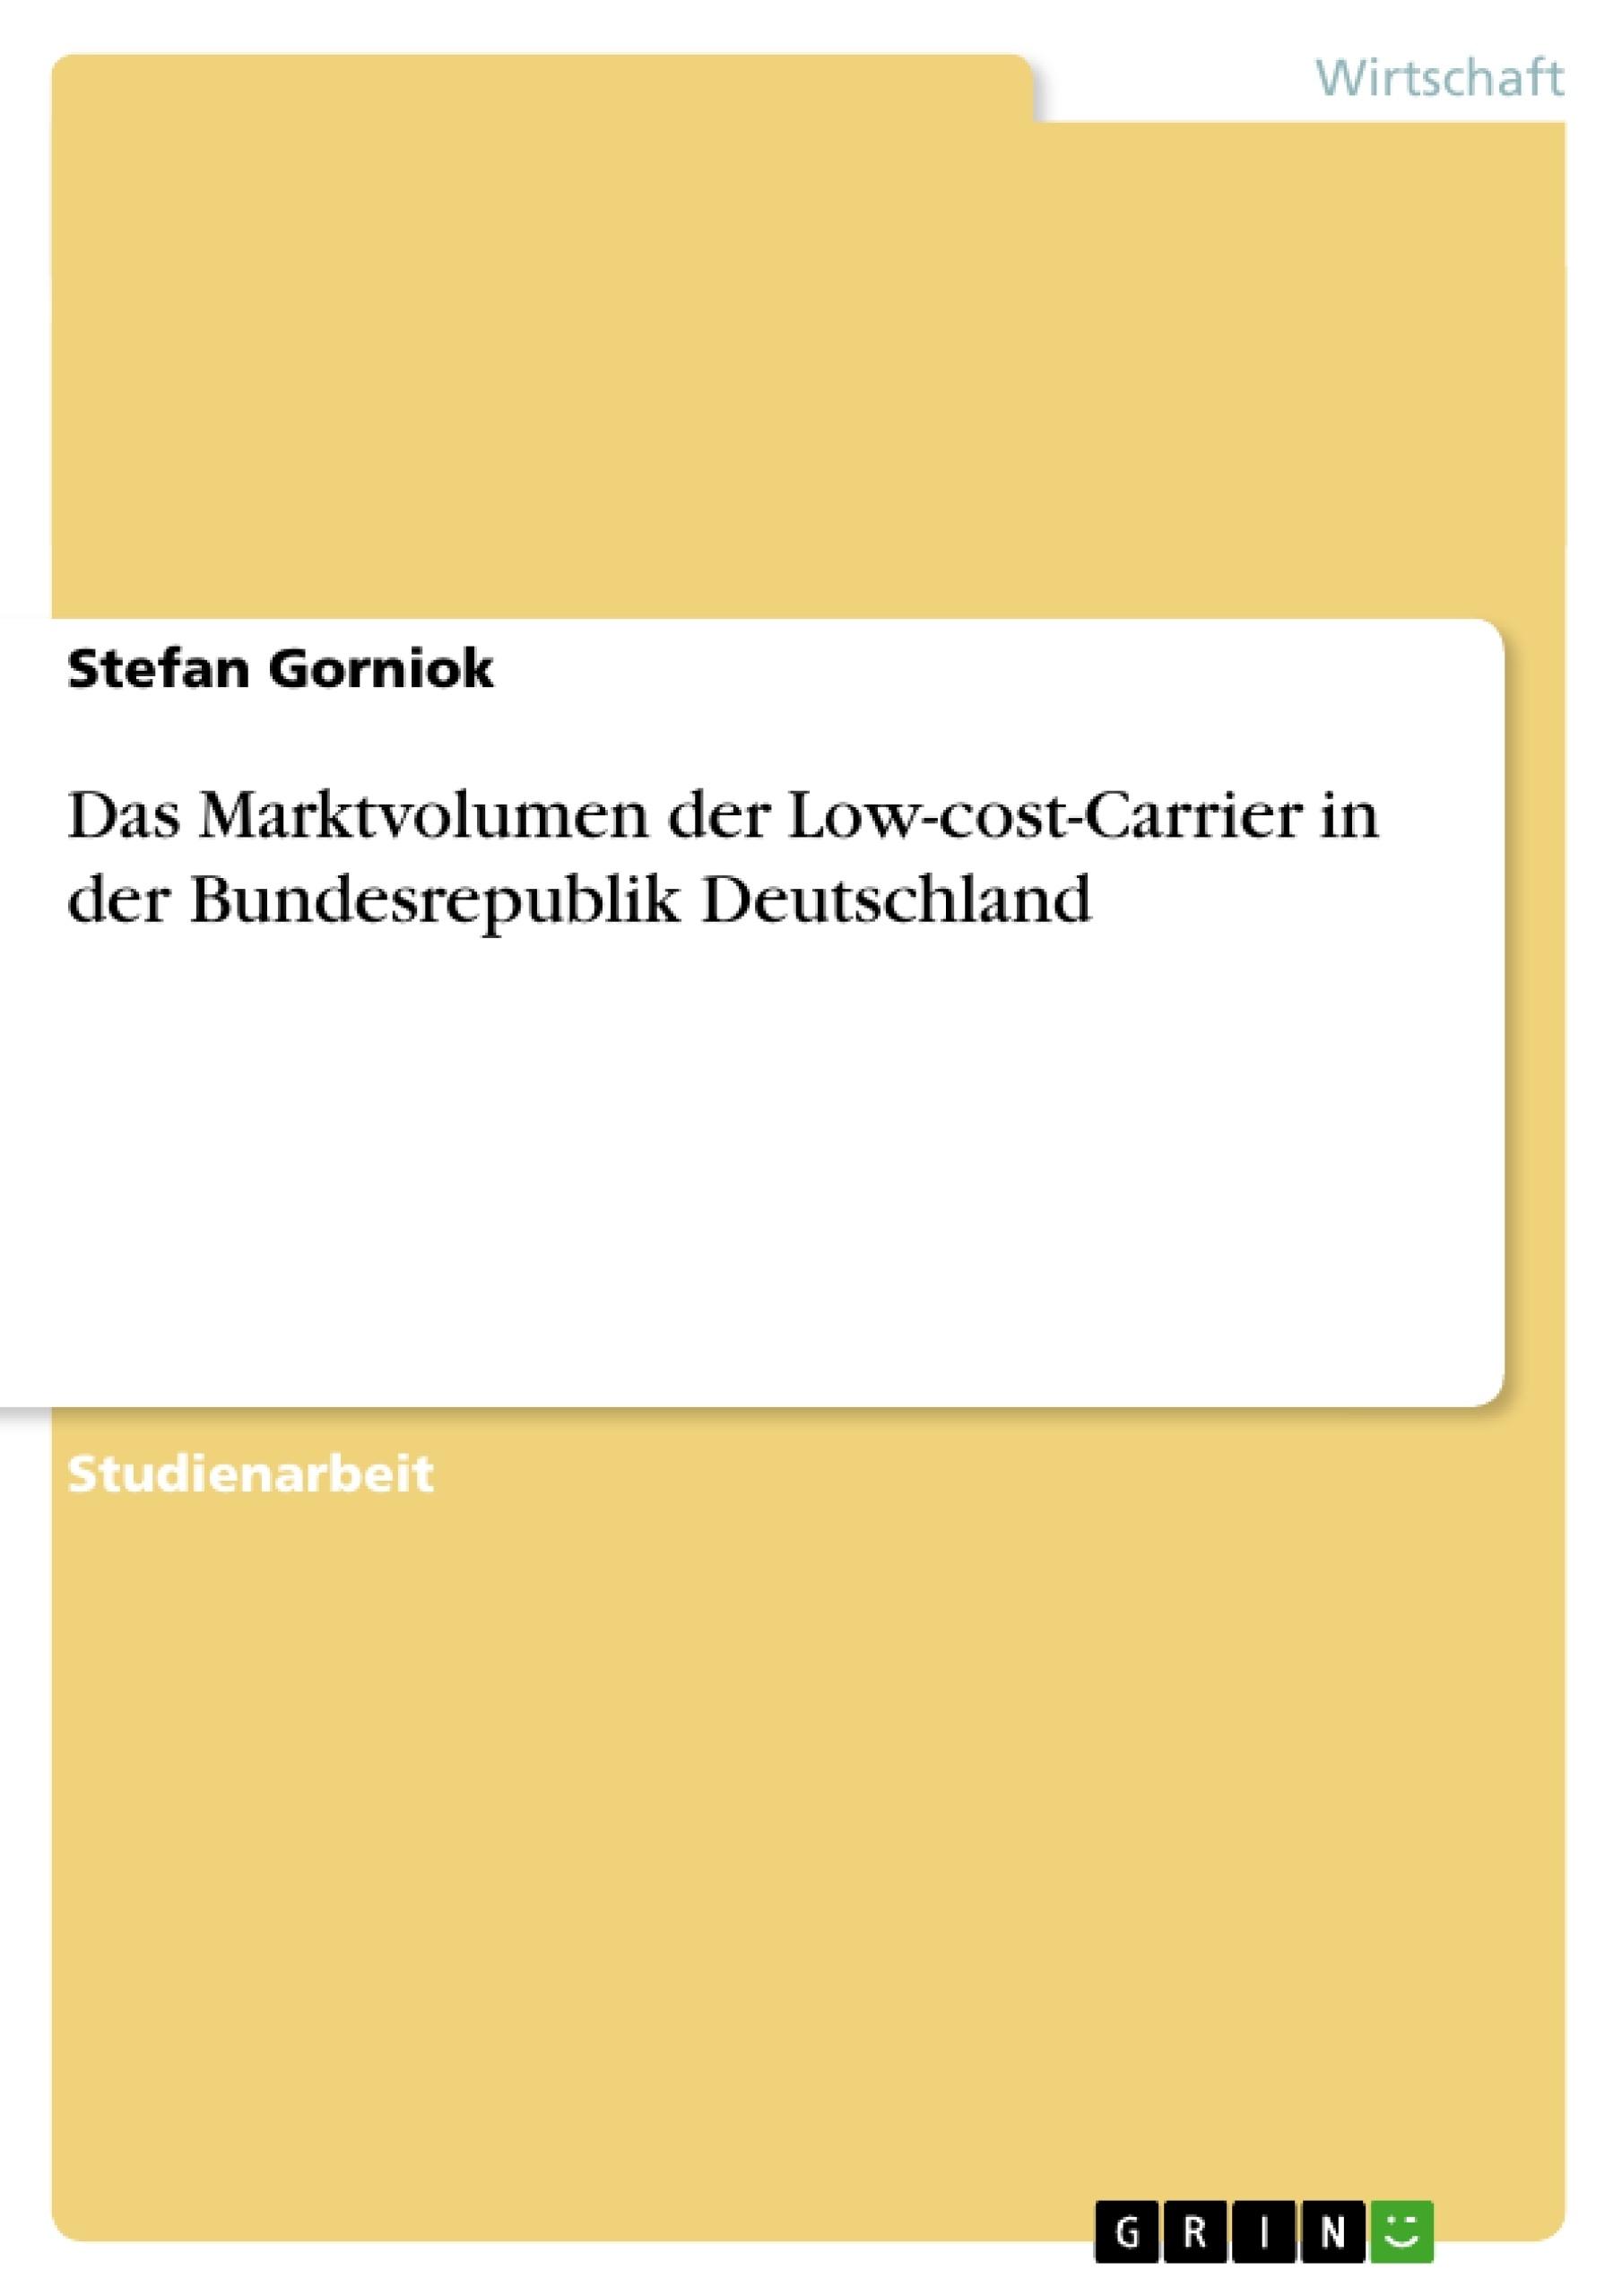 Titel: Das Marktvolumen der Low-cost-Carrier in der Bundesrepublik Deutschland